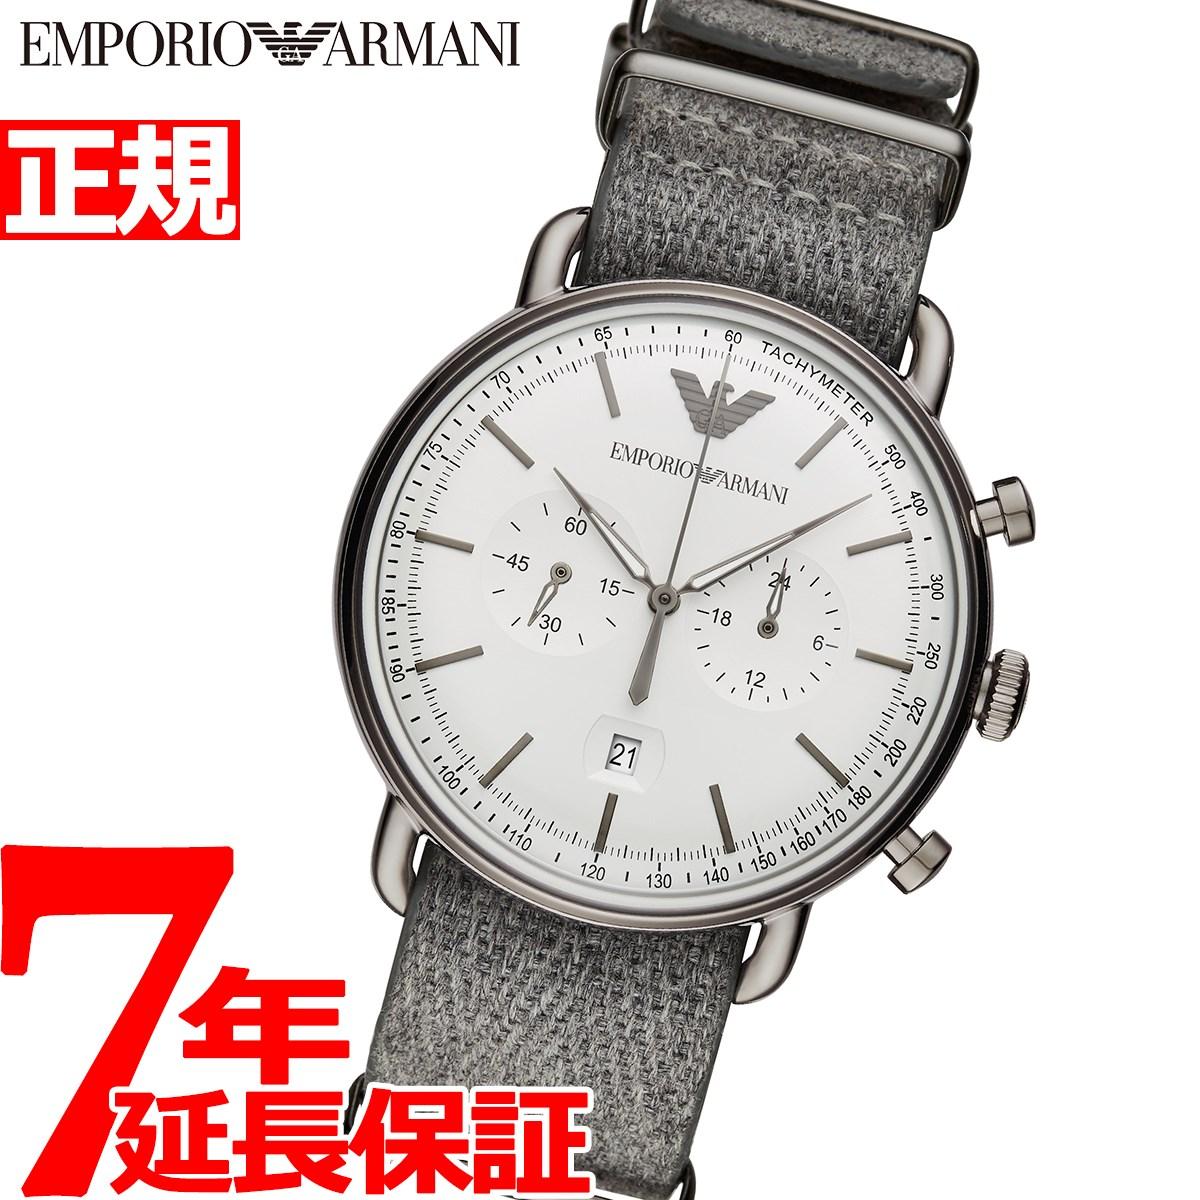 今だけ!店内ポイント最大38倍!19日9時59分まで! エンポリオアルマーニ EMPORIO ARMANI 腕時計 メンズ クロノグラフ AR11240【2019 新作】